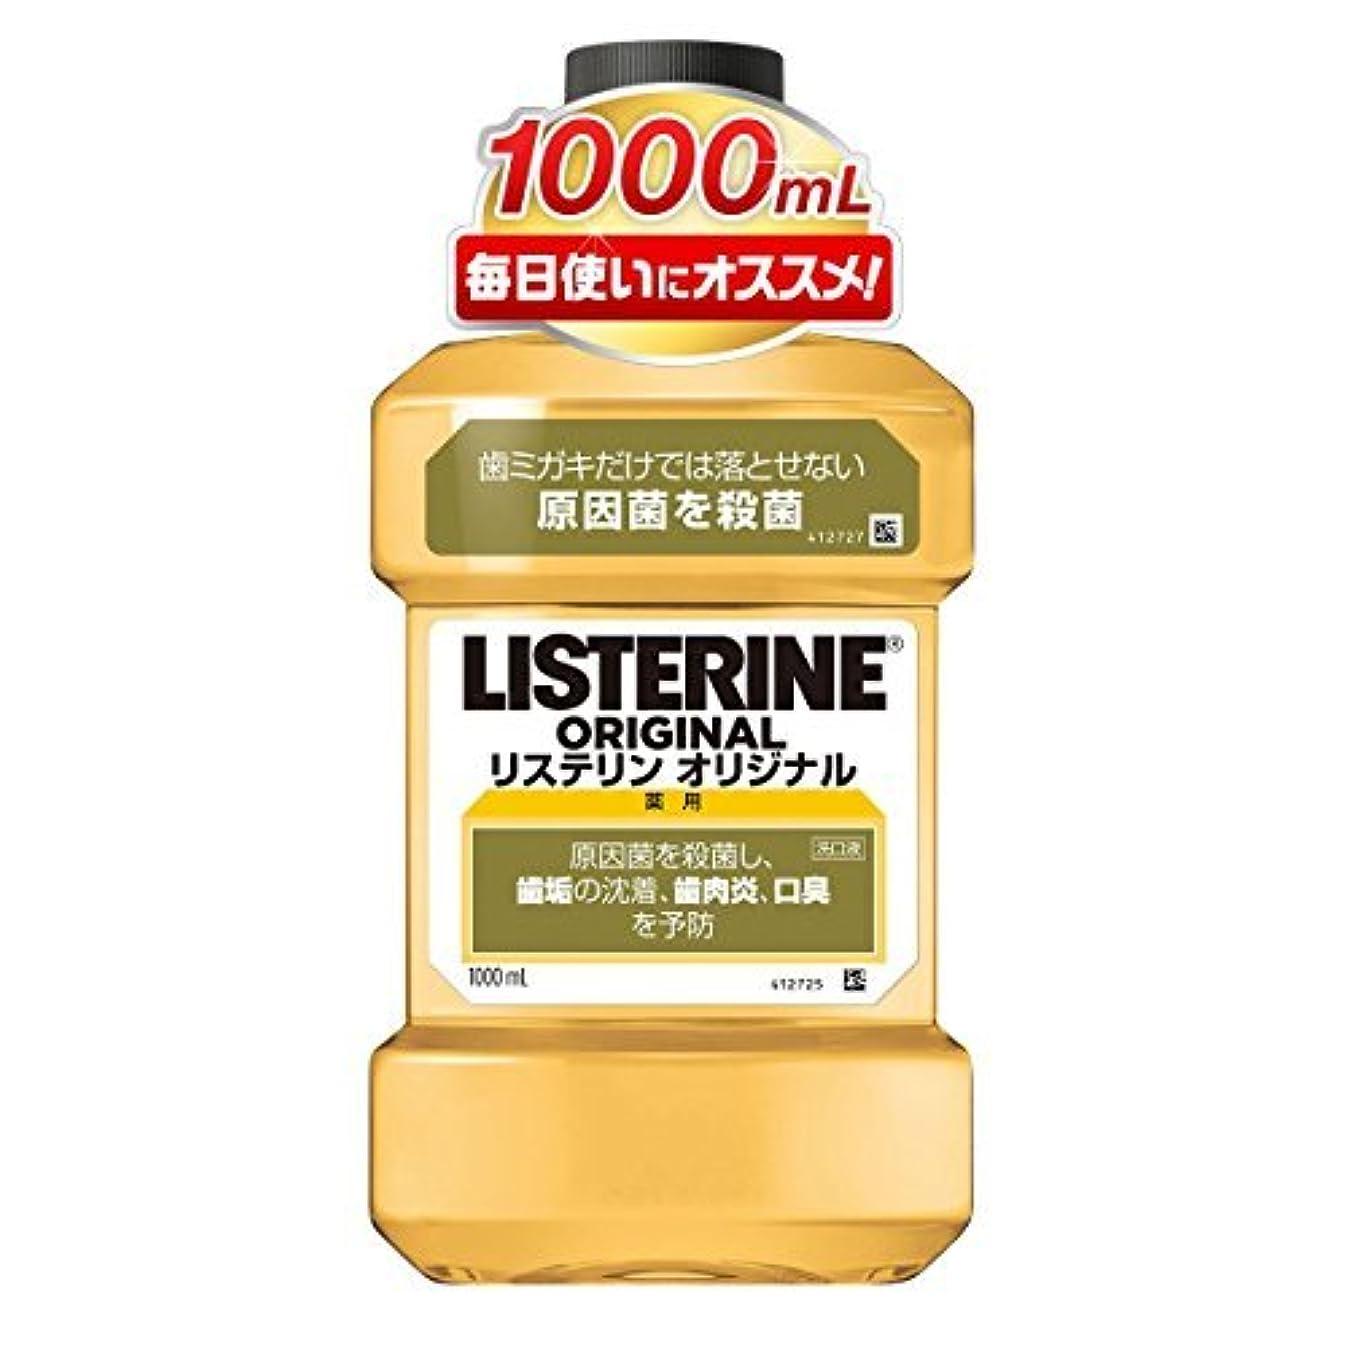 チャット属する特別に薬用リステリン オリジナル 1000ml ×6個セット